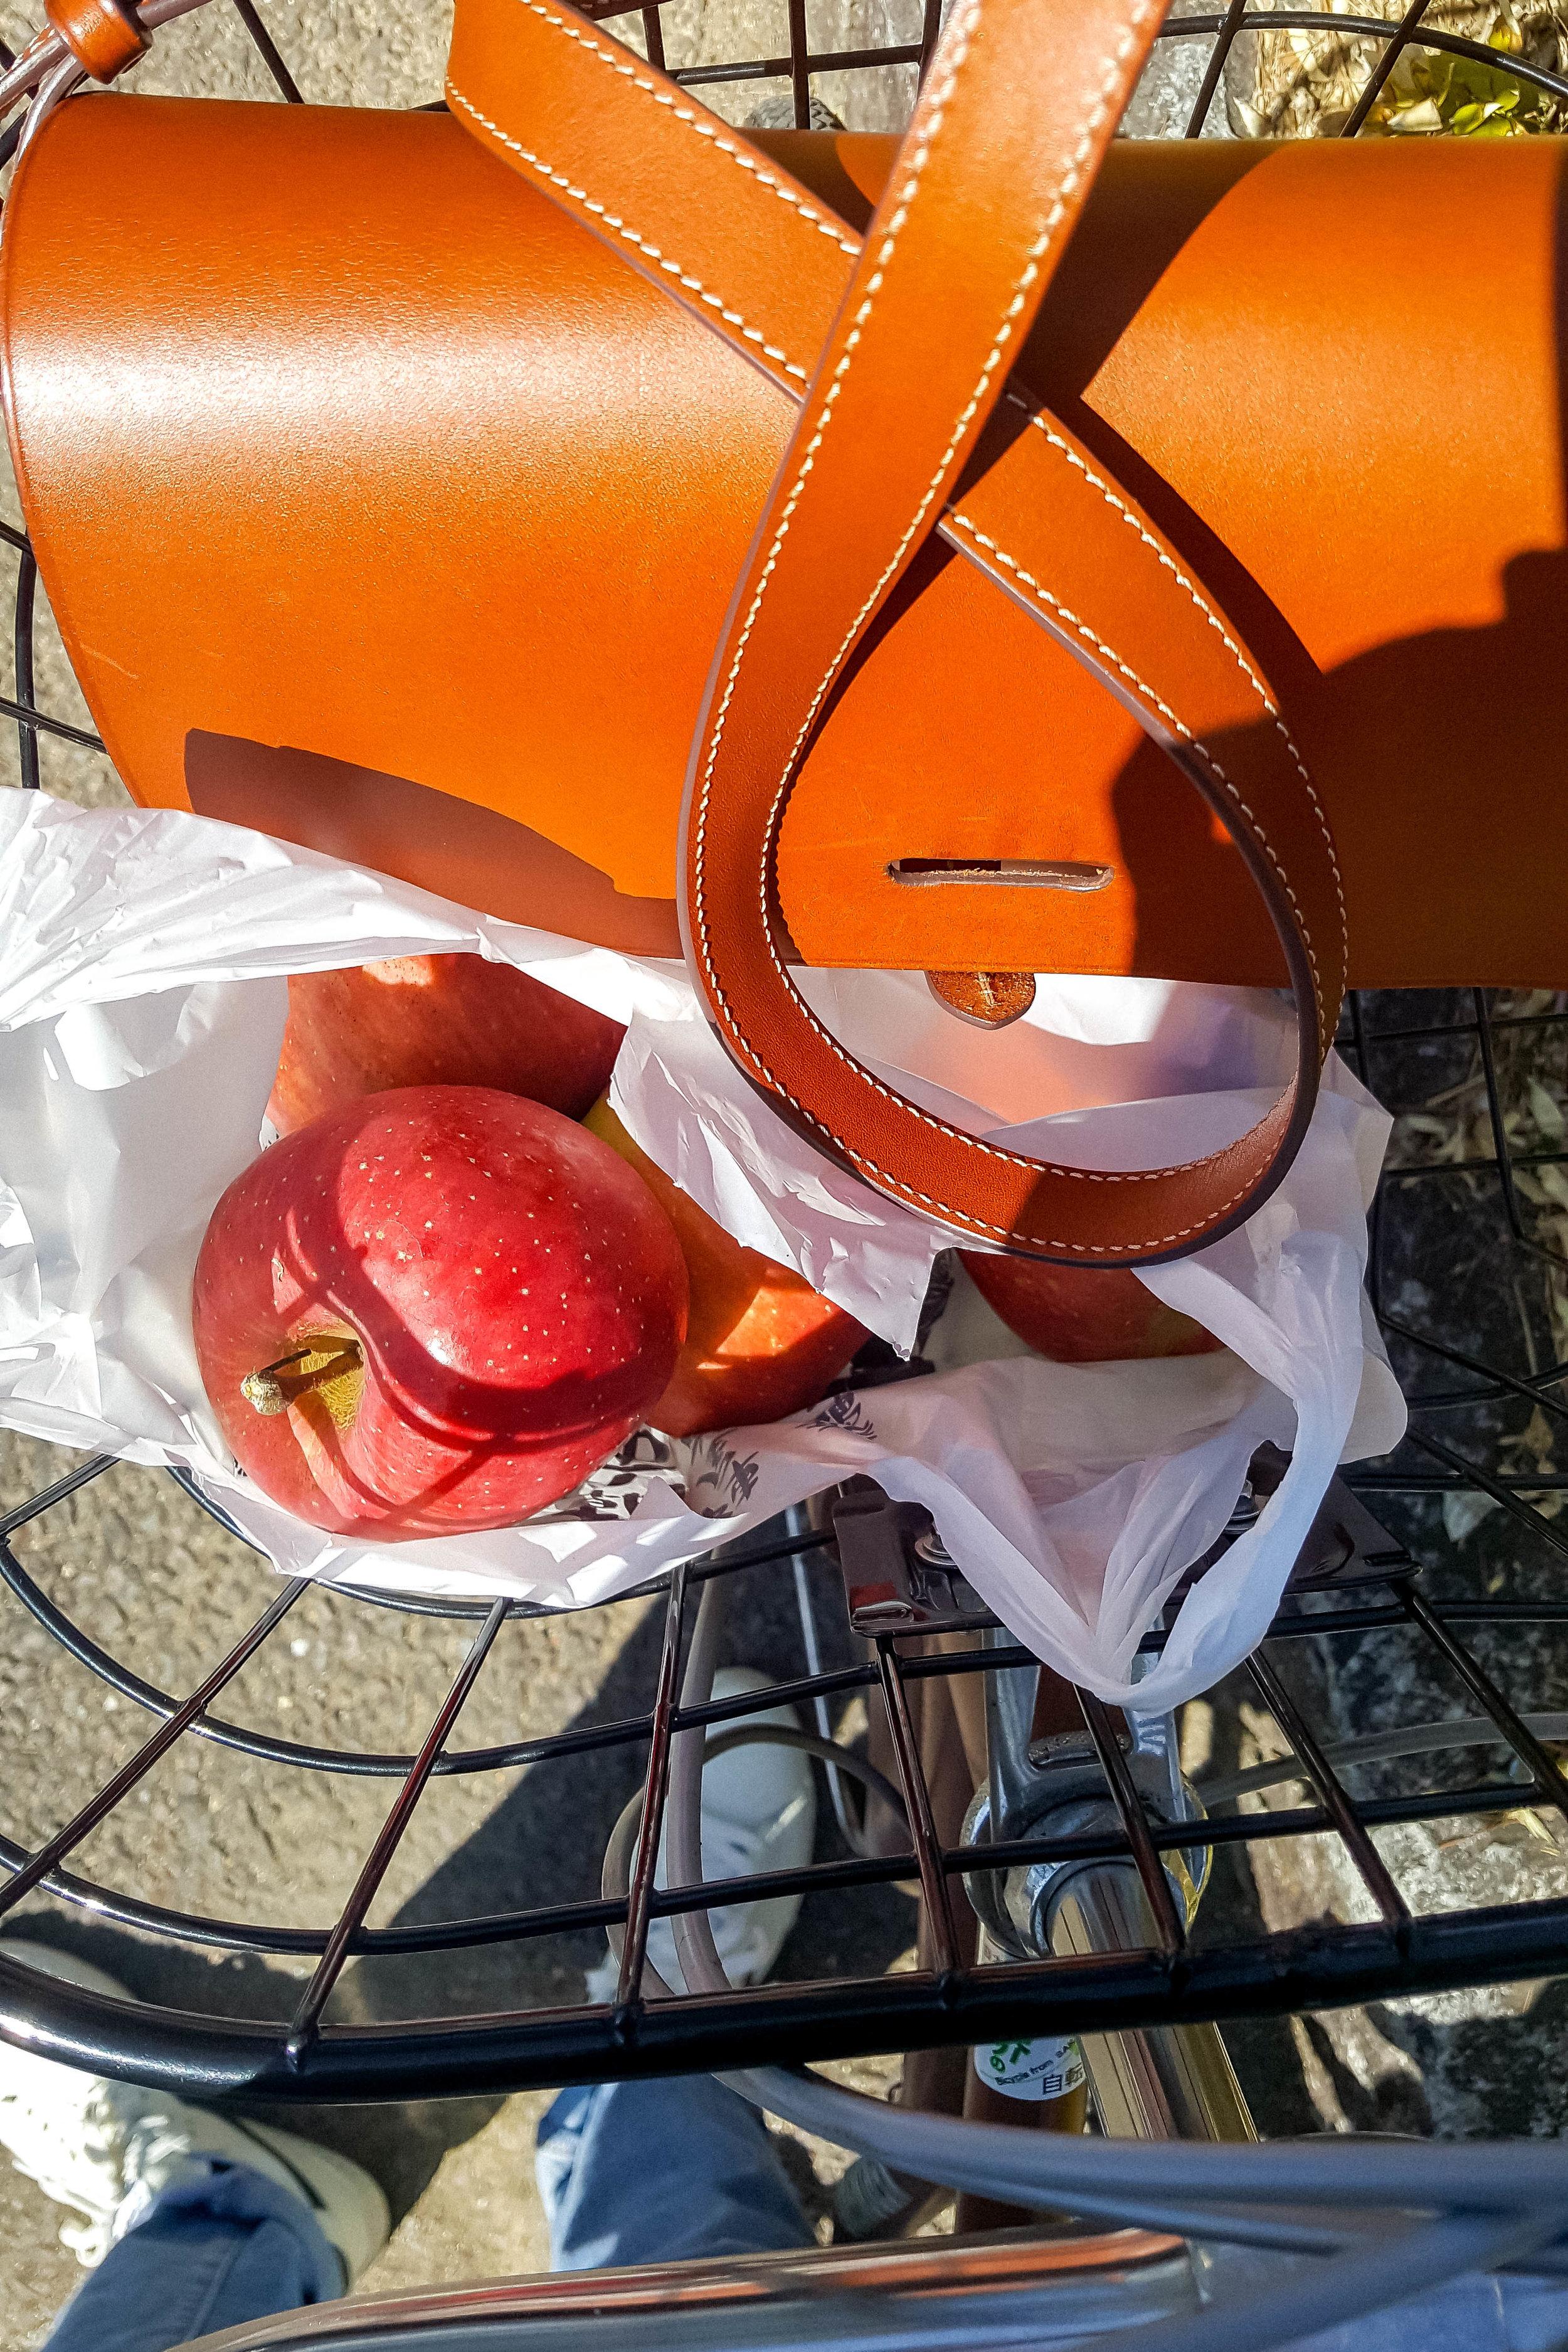 Takayama apples